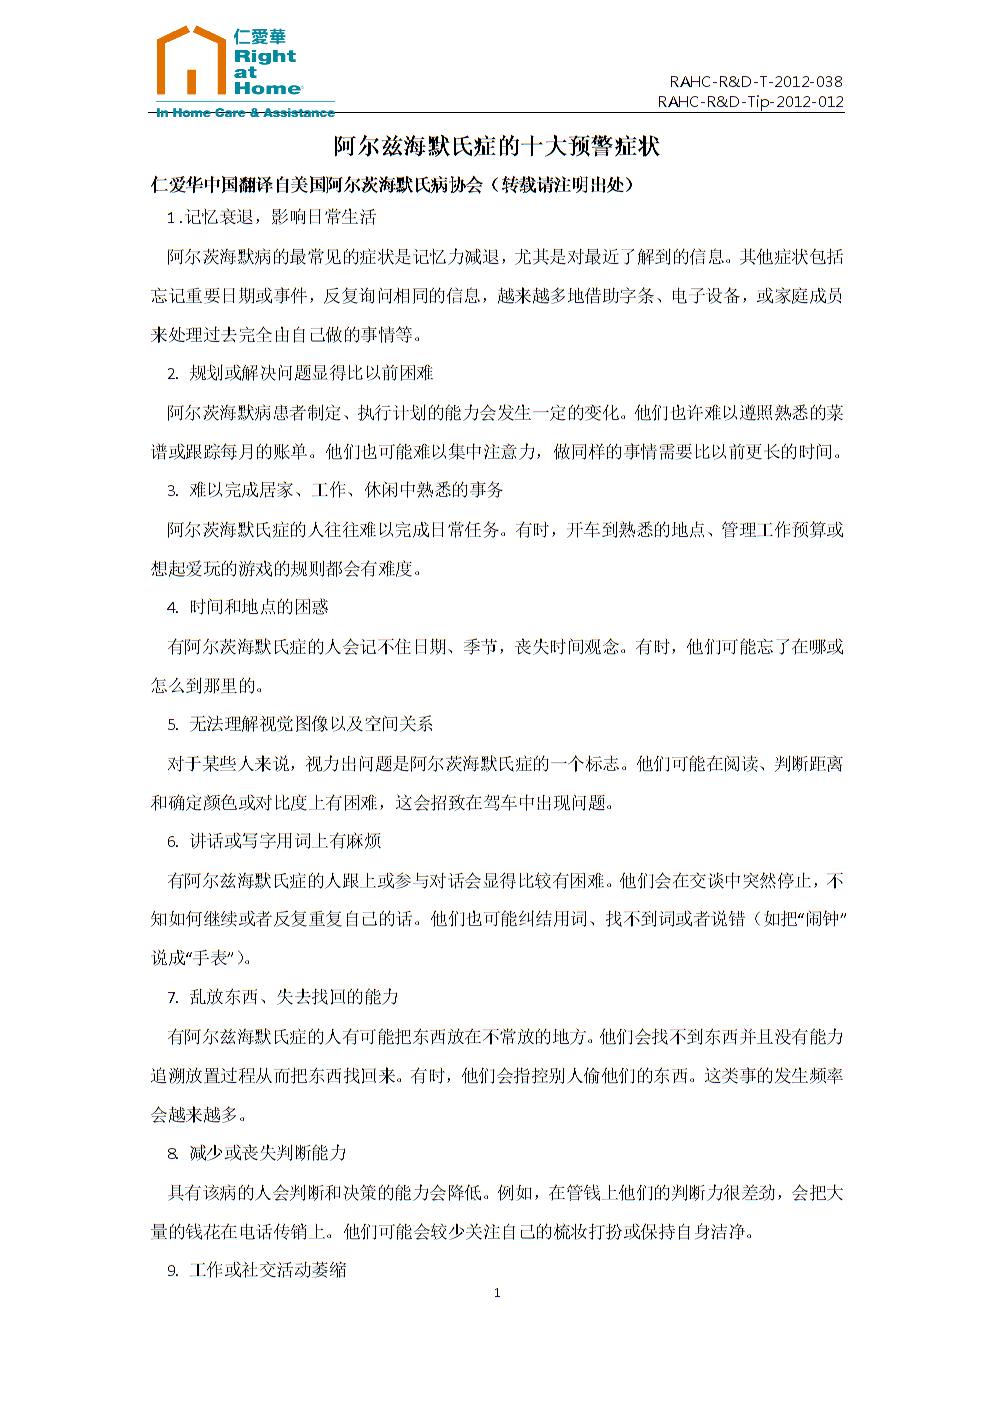 阿尔兹海默氏症的十大预警症状.doc